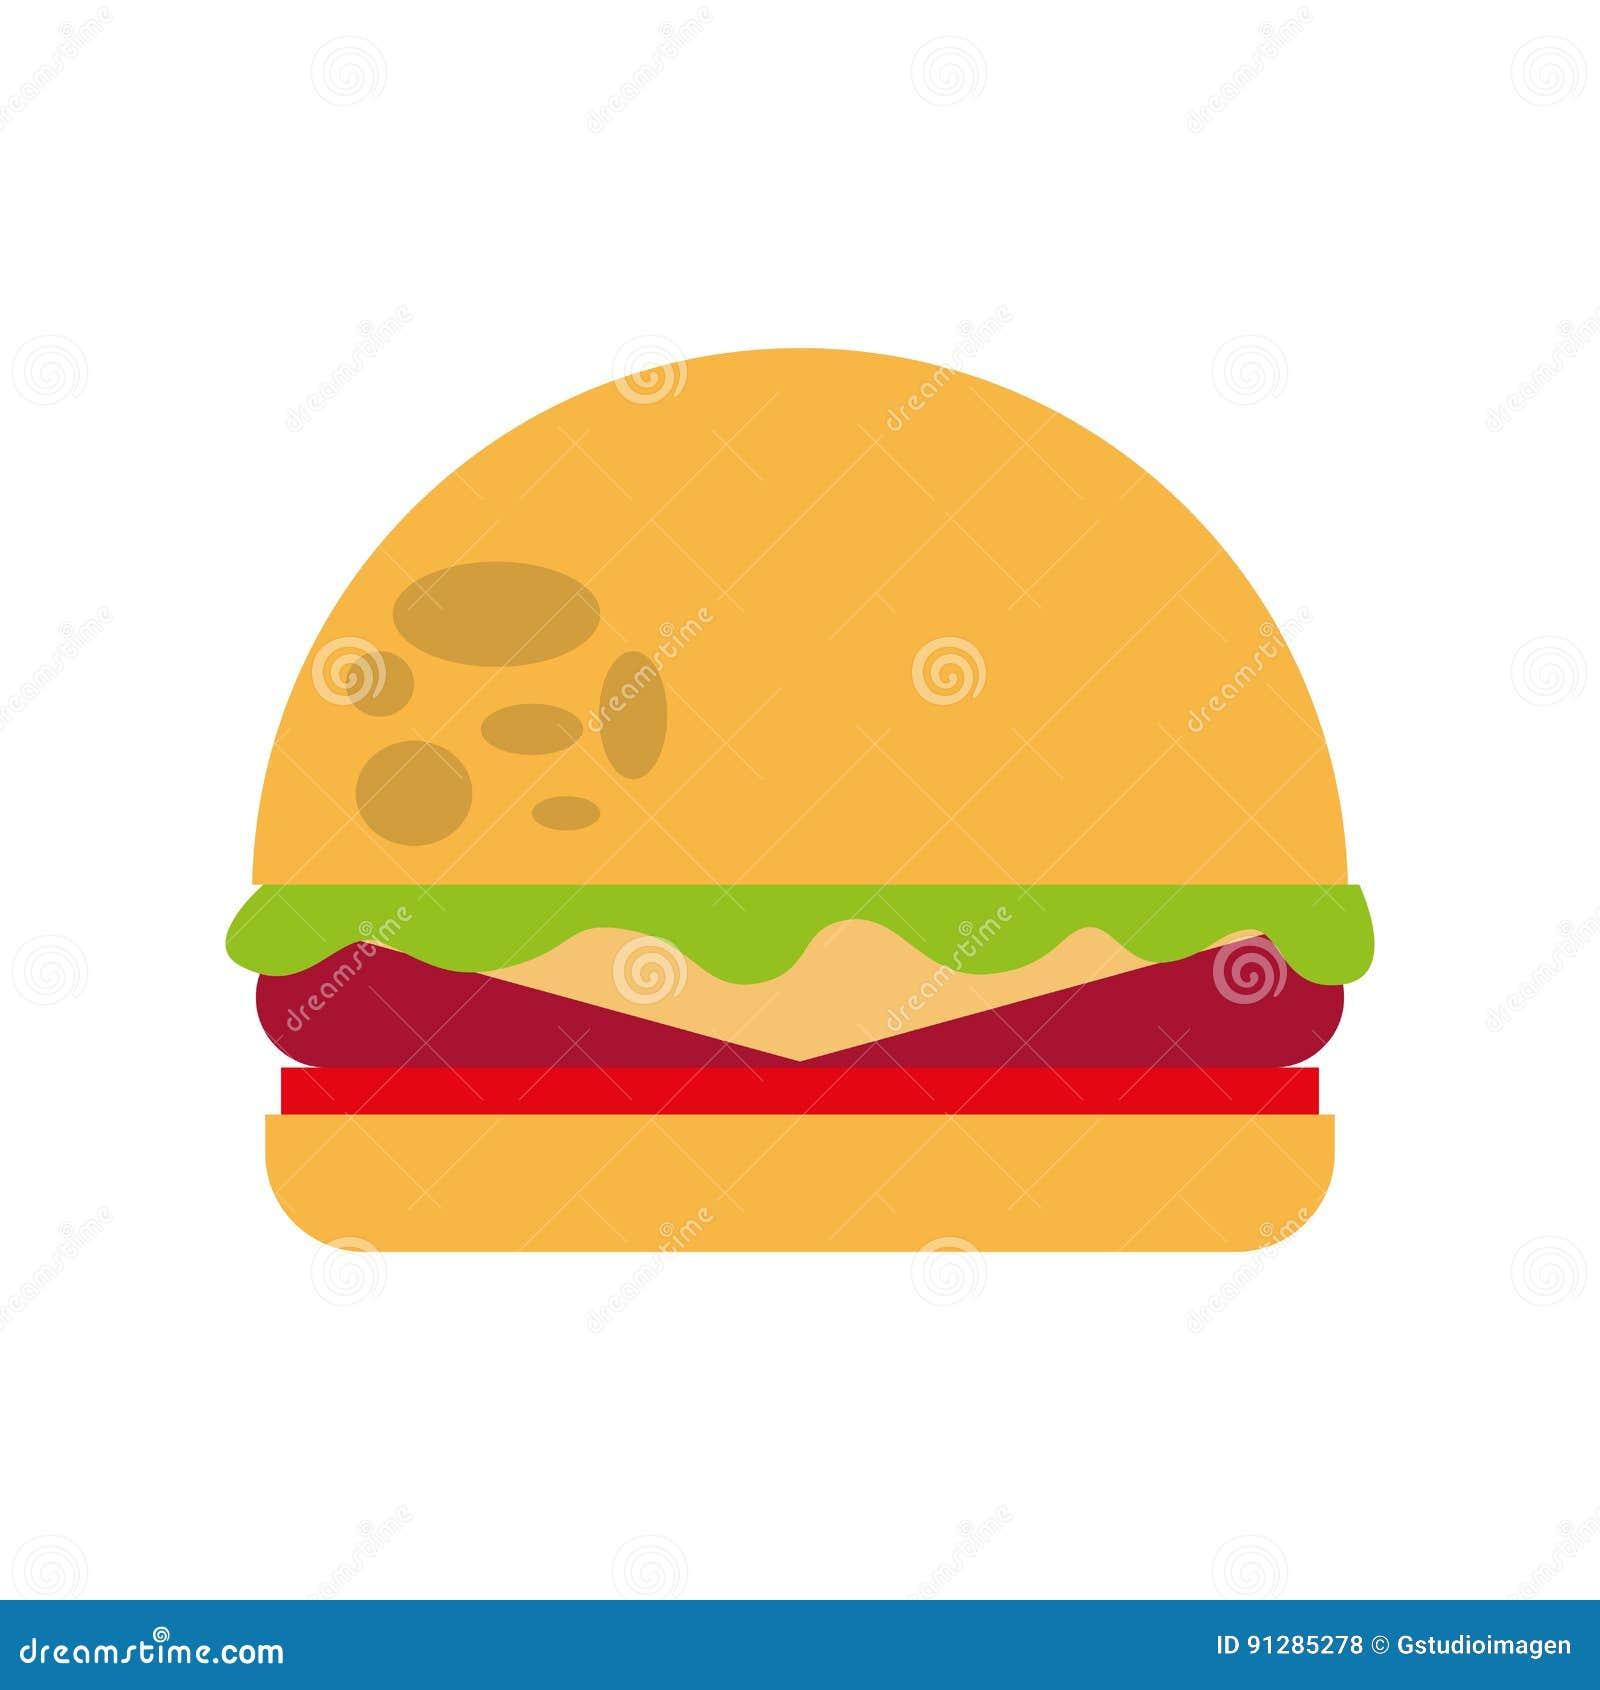 Läcker hamburgare isolerad symbol